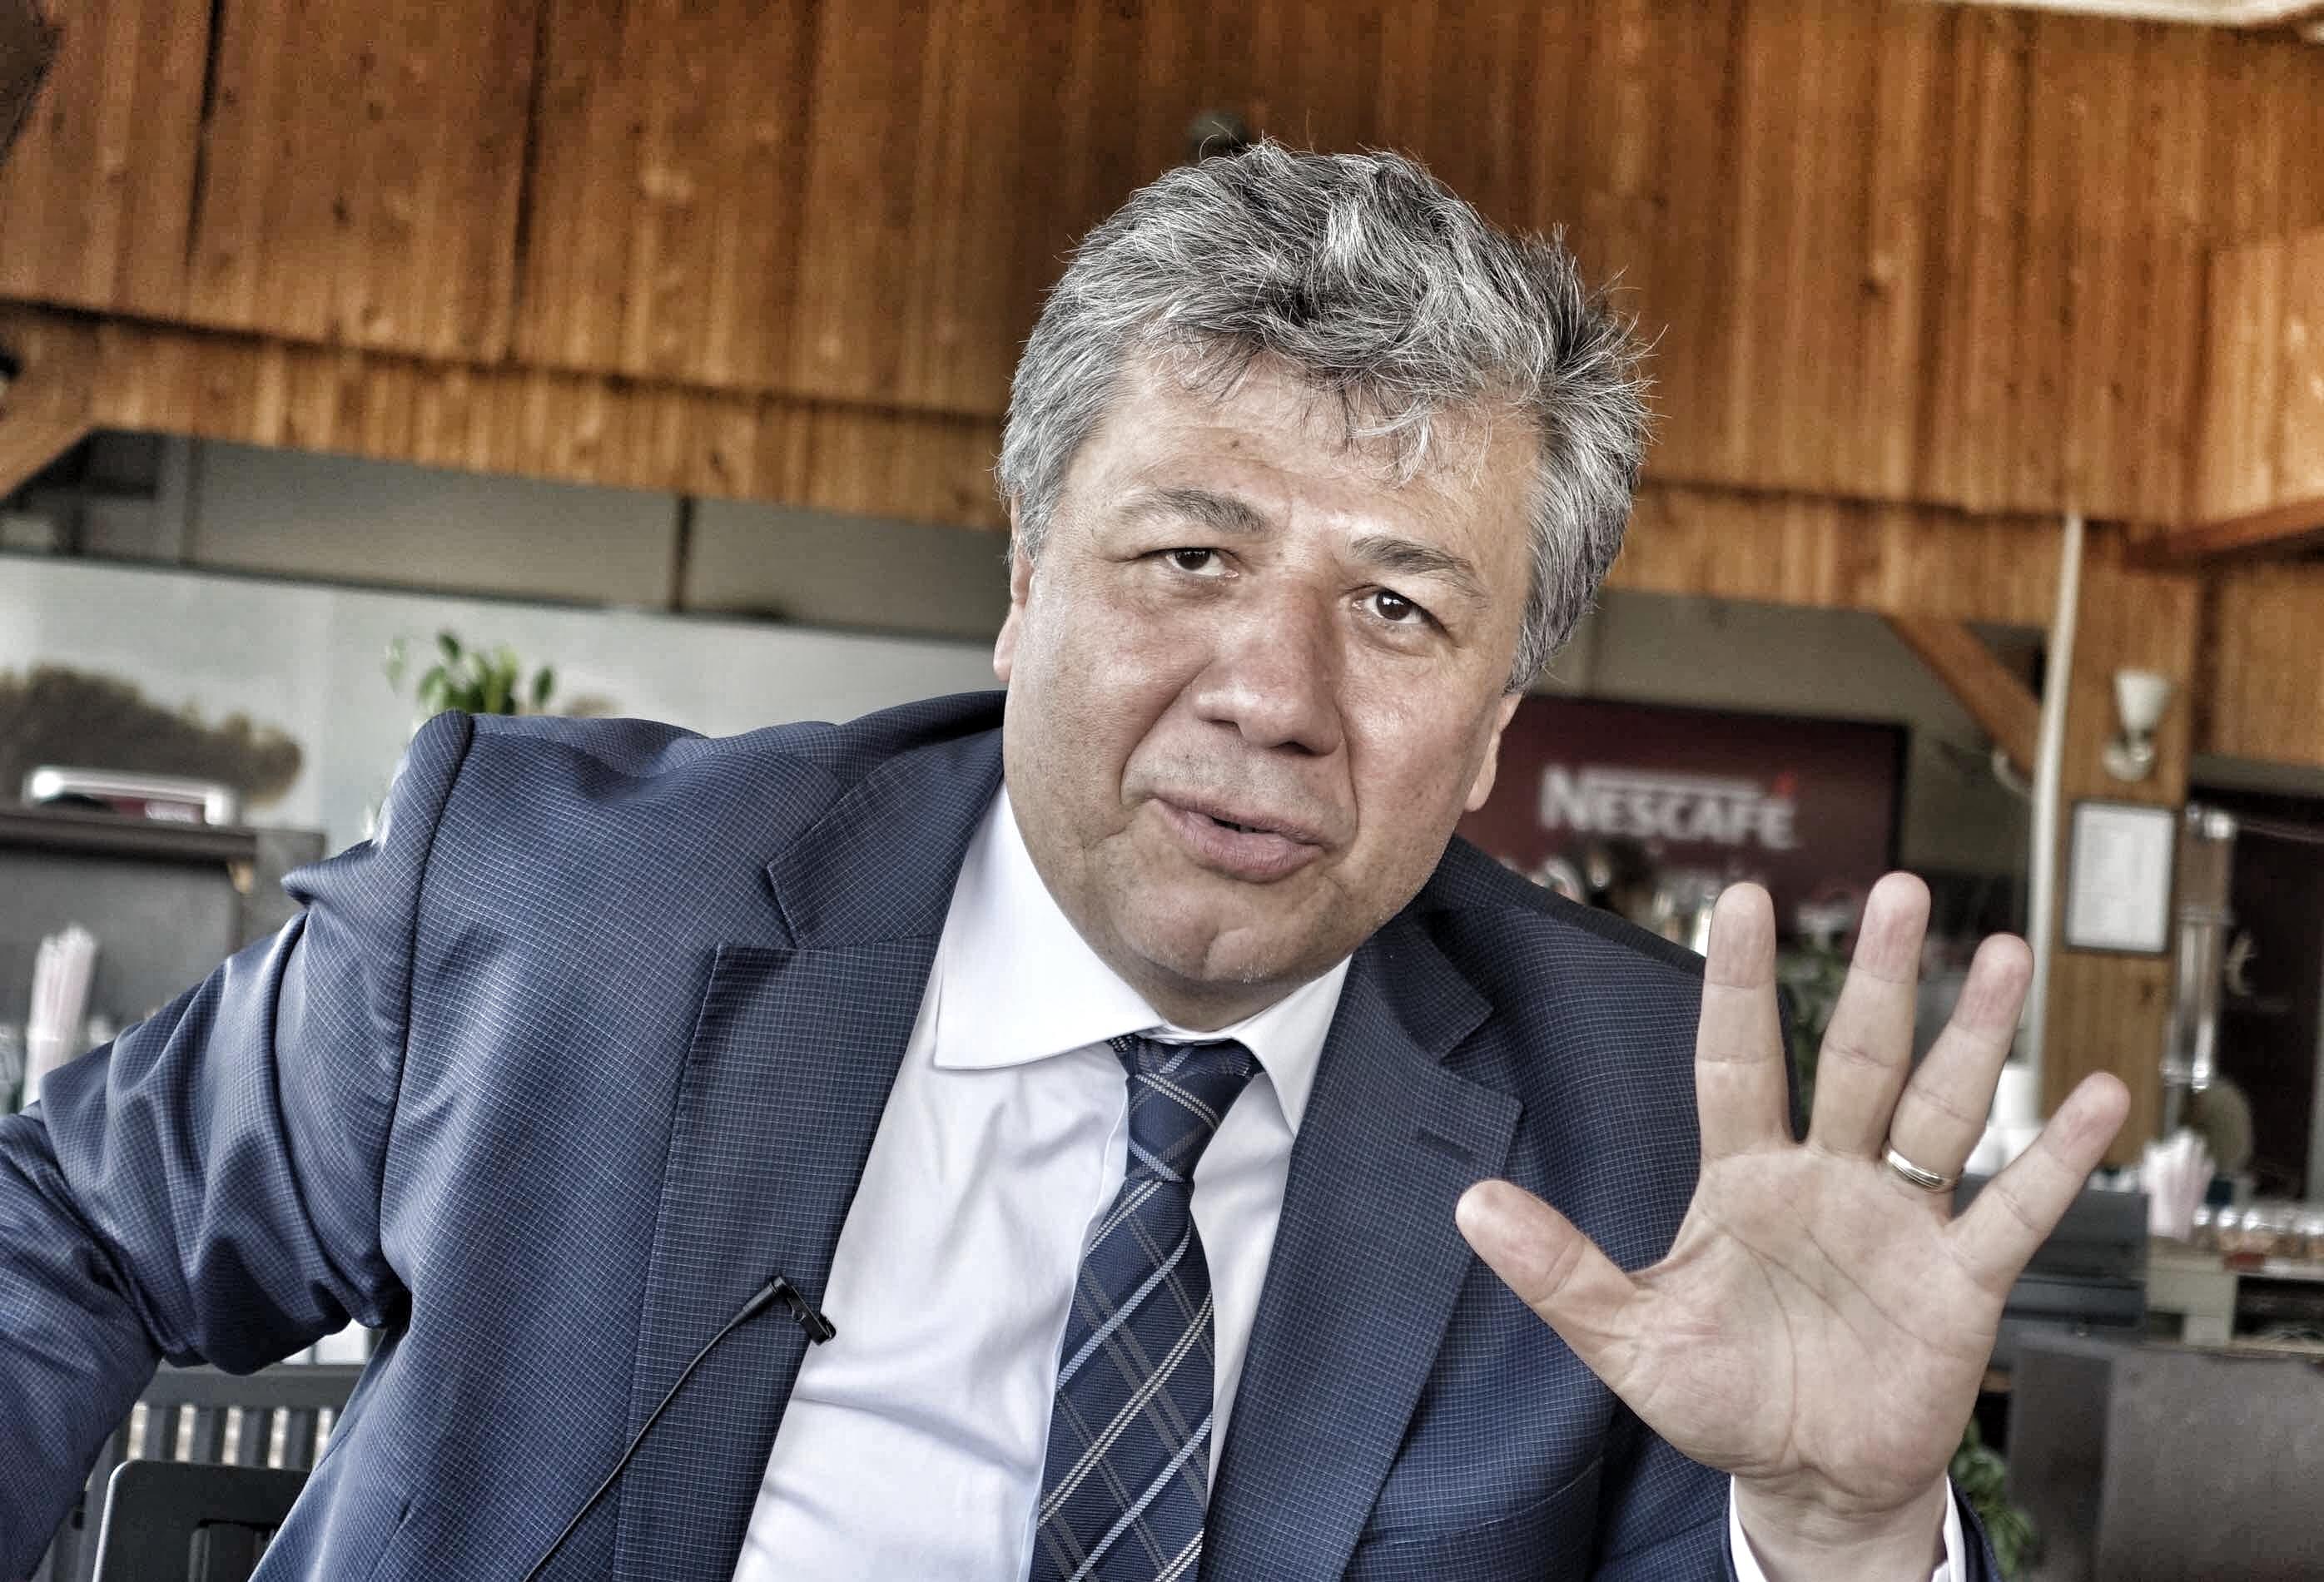 İzmir 2. Bölge 4. sıra milletvekili adayı Mustafa Balbay  CHP'nin Recep Tayyip Erdoğan'dan 2 sıfır atmış olan İzmir'de 15 milletvekili   çıkarabileceğini savunuyor.